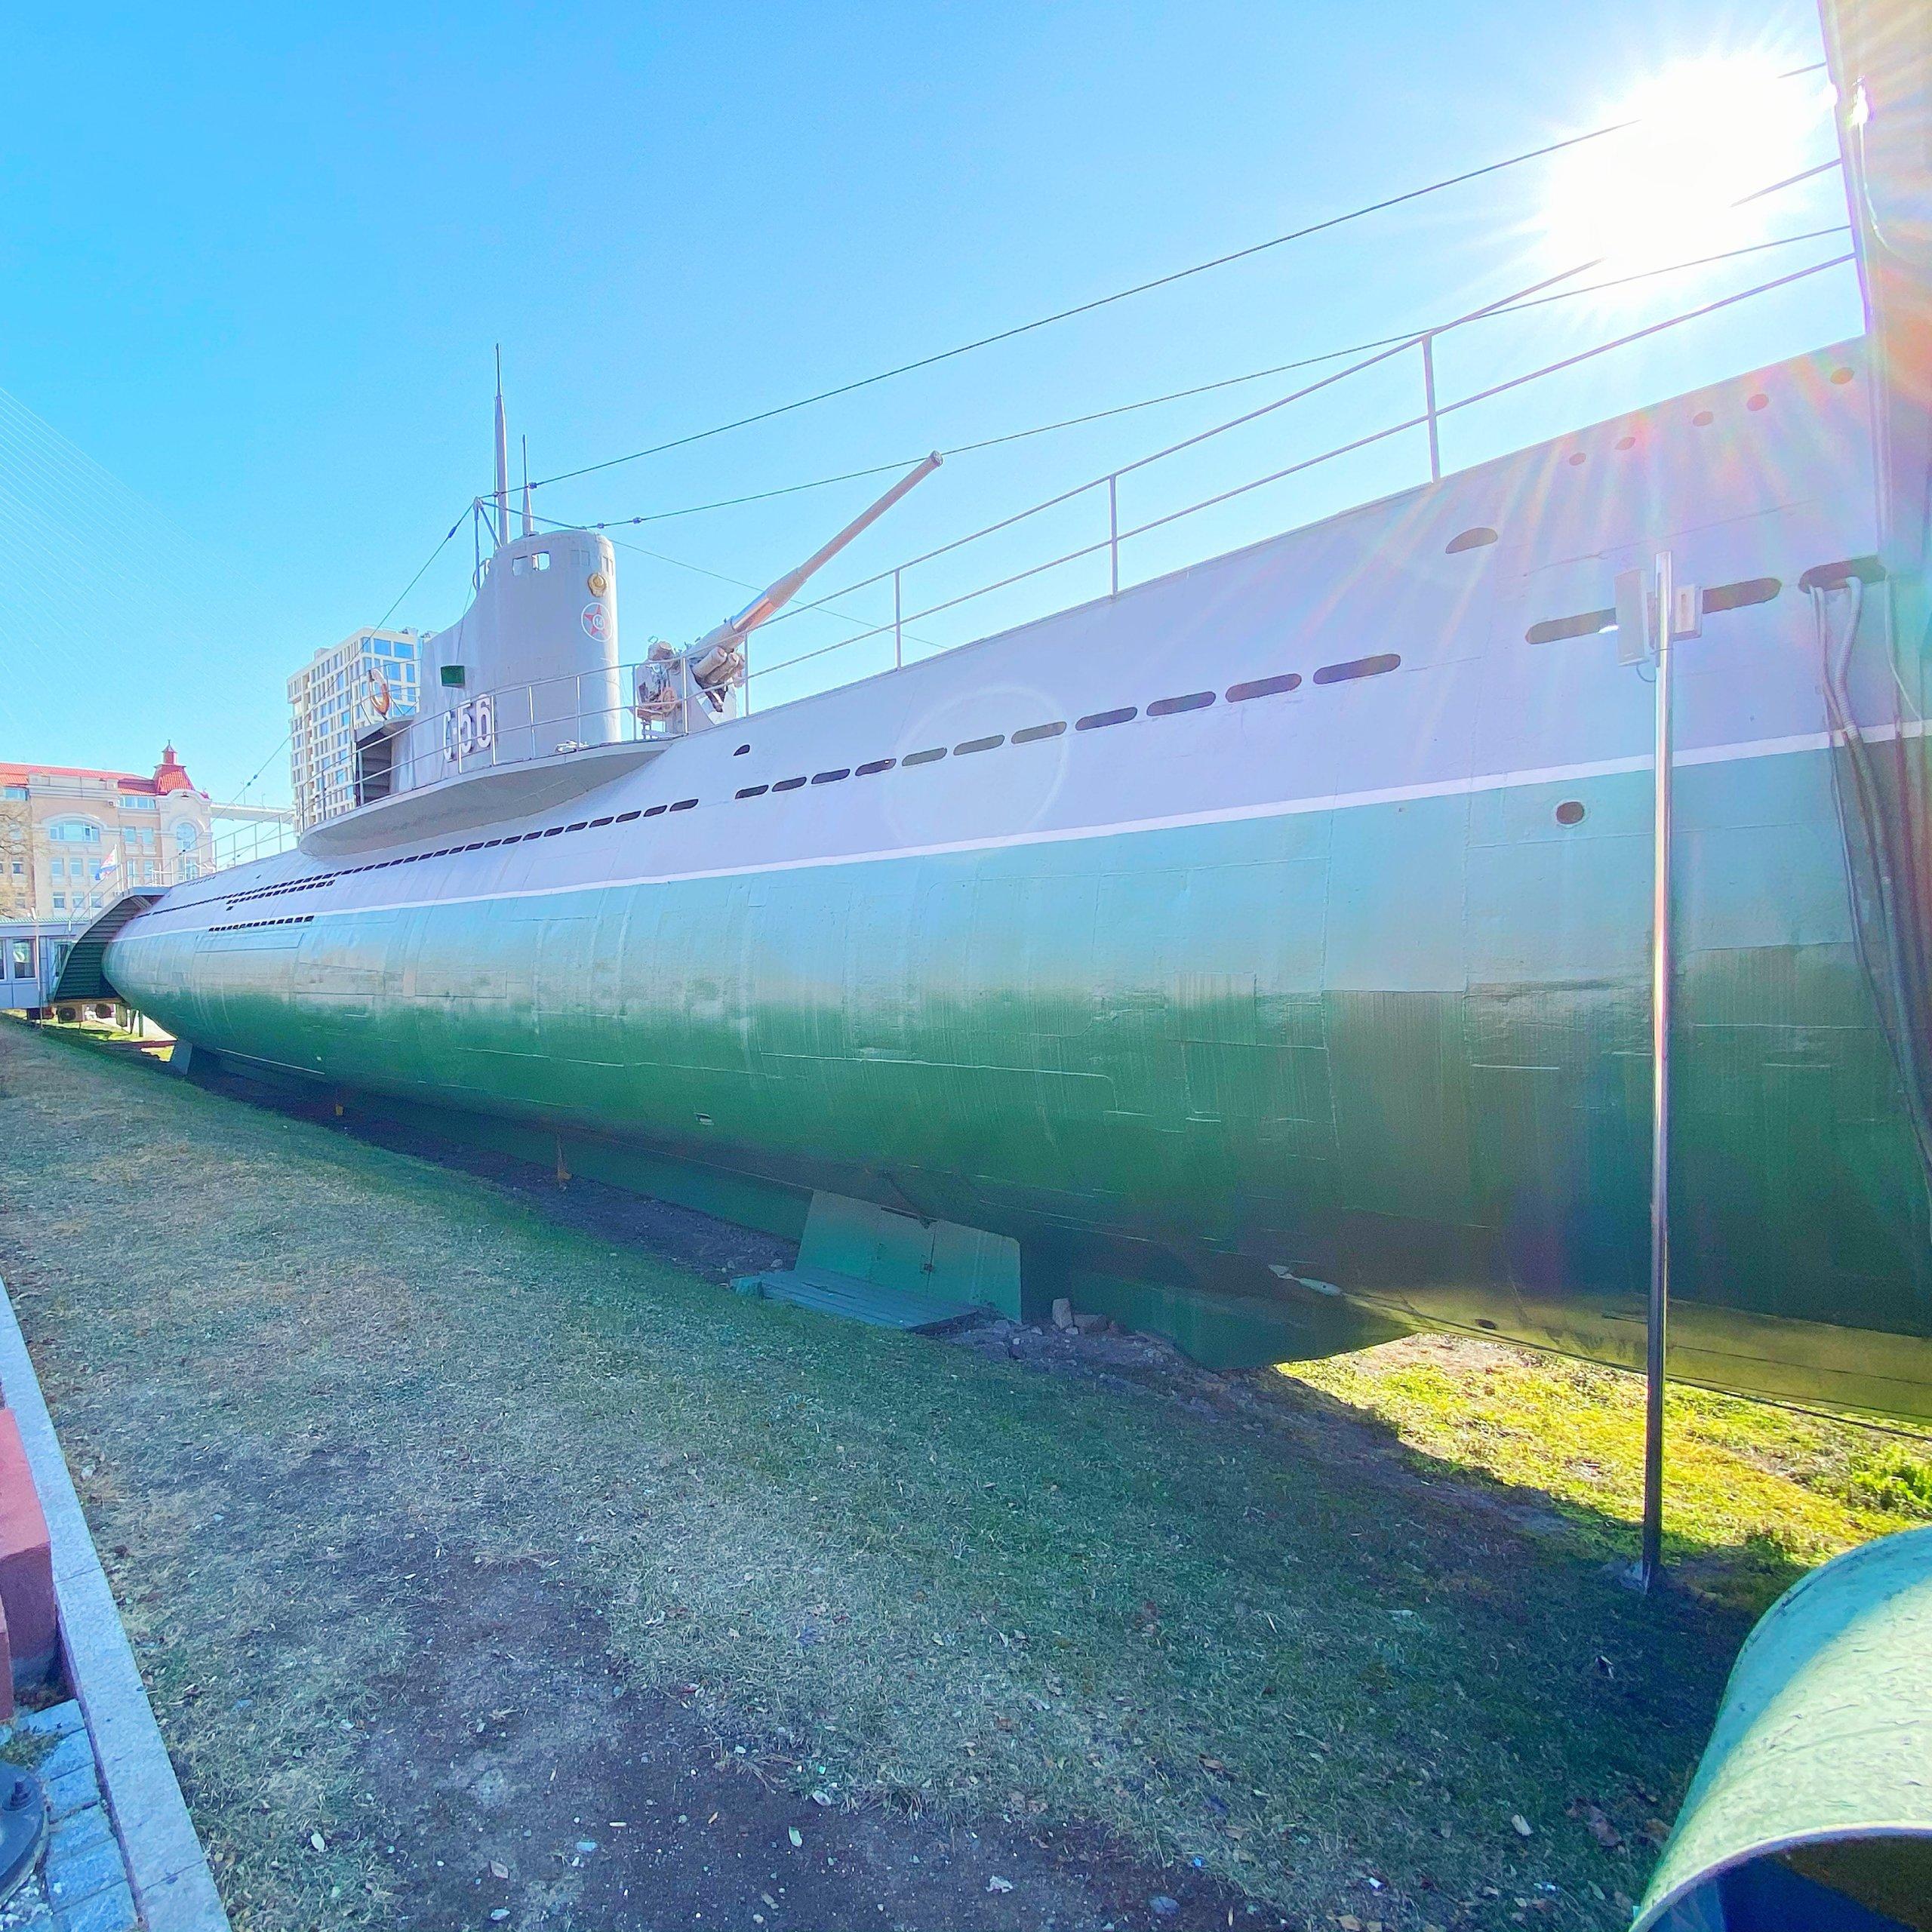 ウラジオストクのC56潜水艦の外観